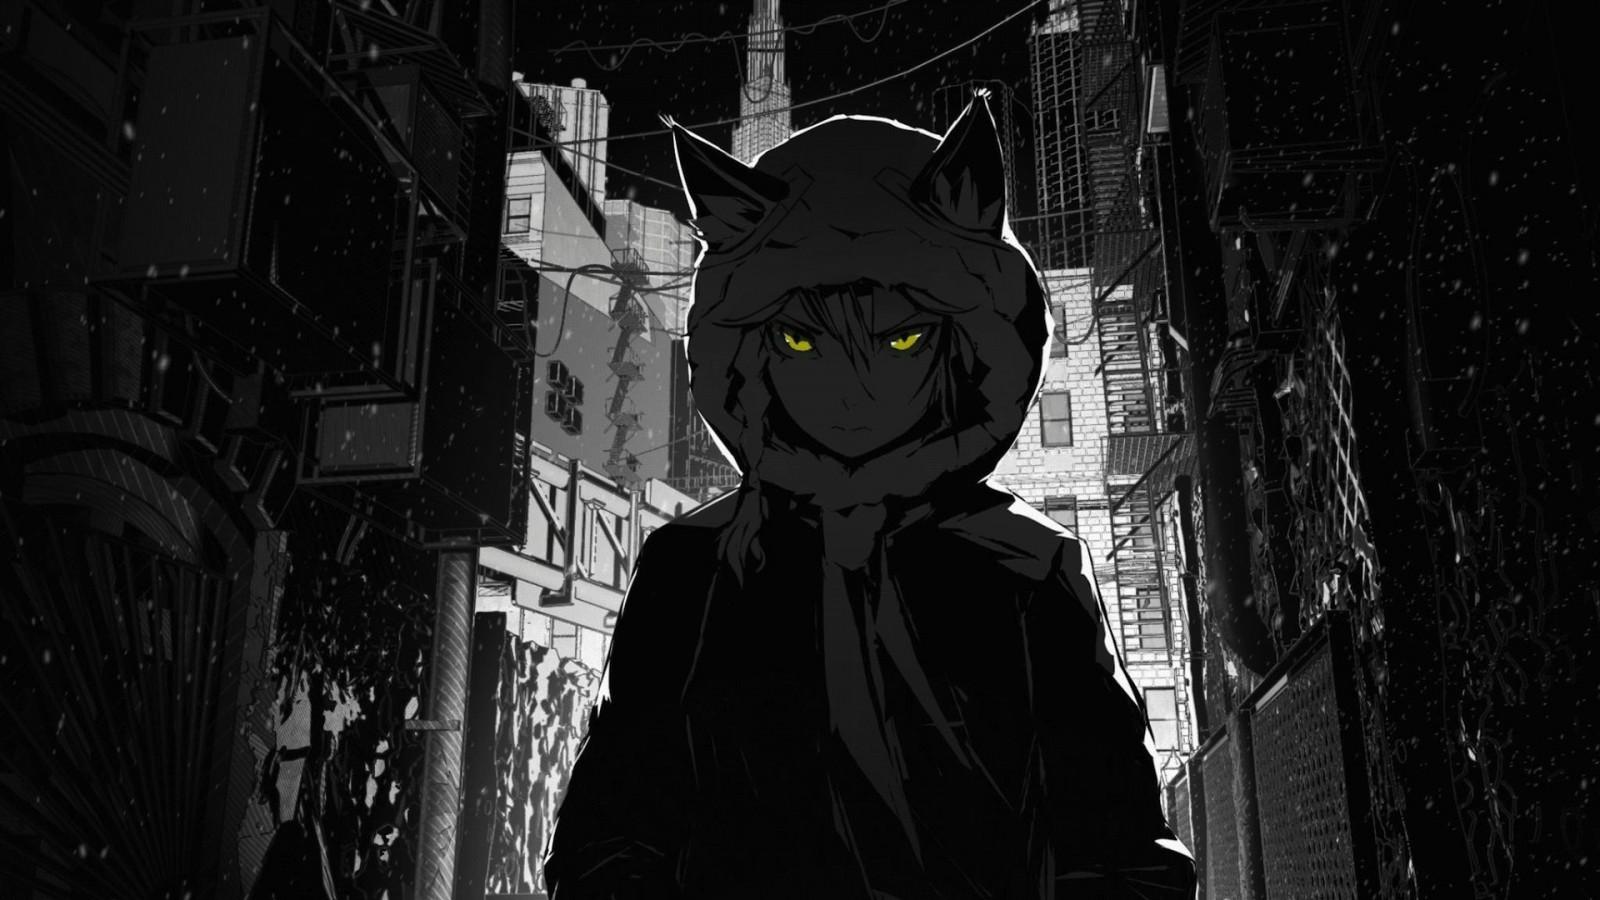 Tapety Monochromia Miasto Ulica Nekomimi Dziewcząt Anime